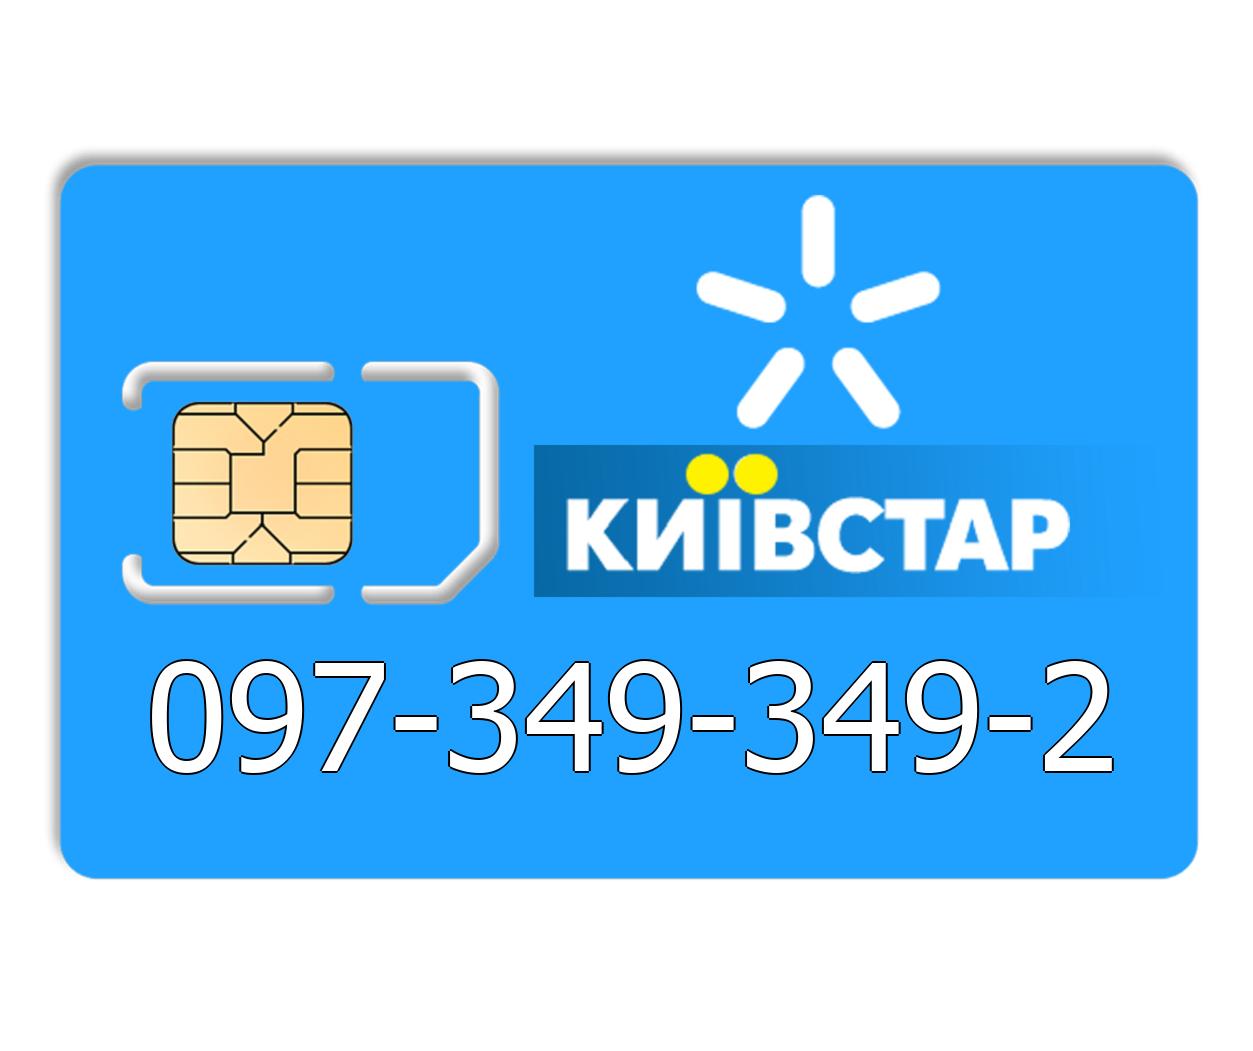 Красивый номер Киевстар 097-349-349-2